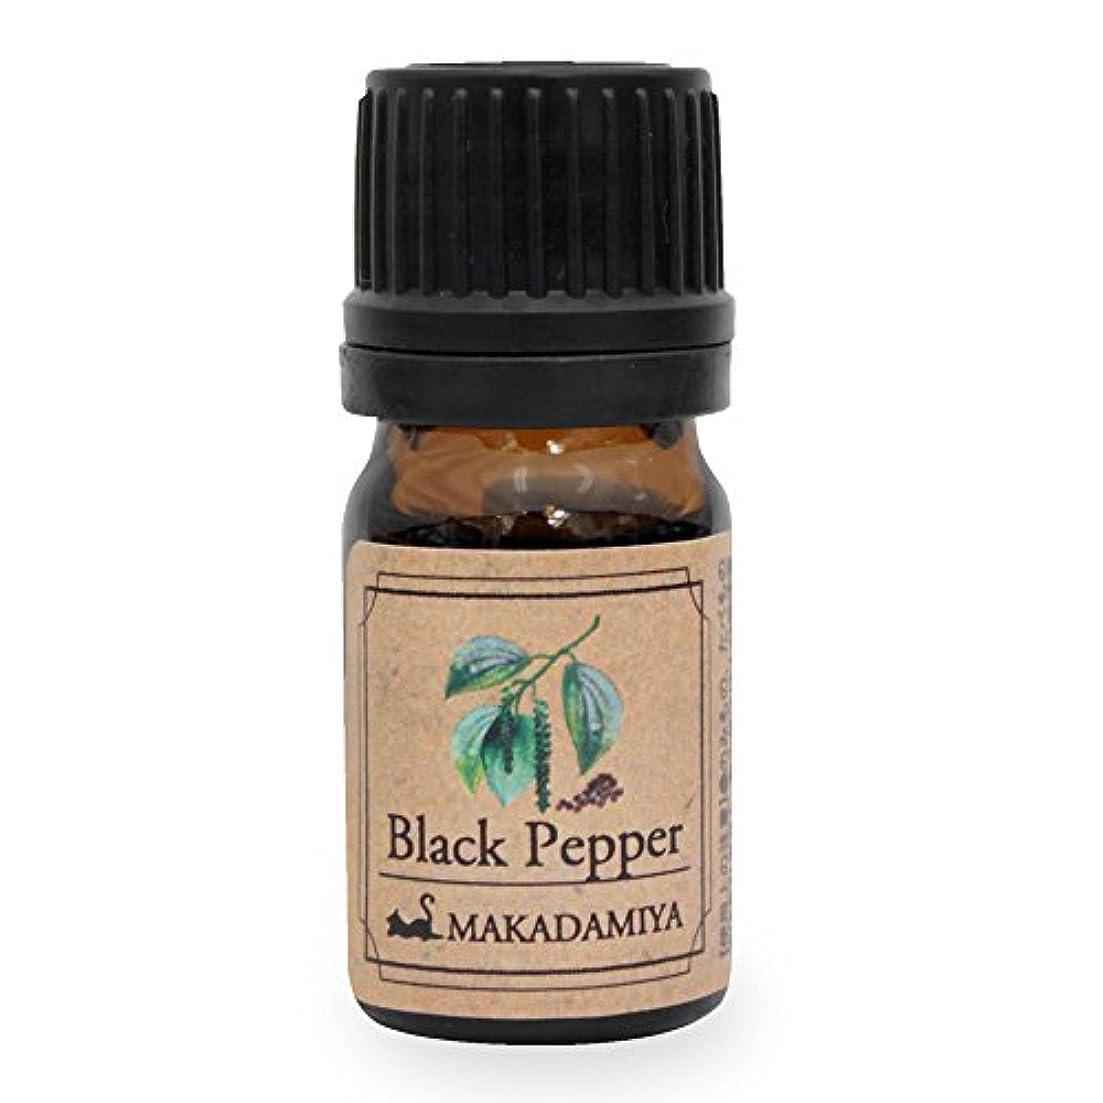 ライバル周囲聴くブラックペッパー5ml 天然100%植物性 エッセンシャルオイル(精油) アロマオイル アロママッサージ aroma Black Pepper